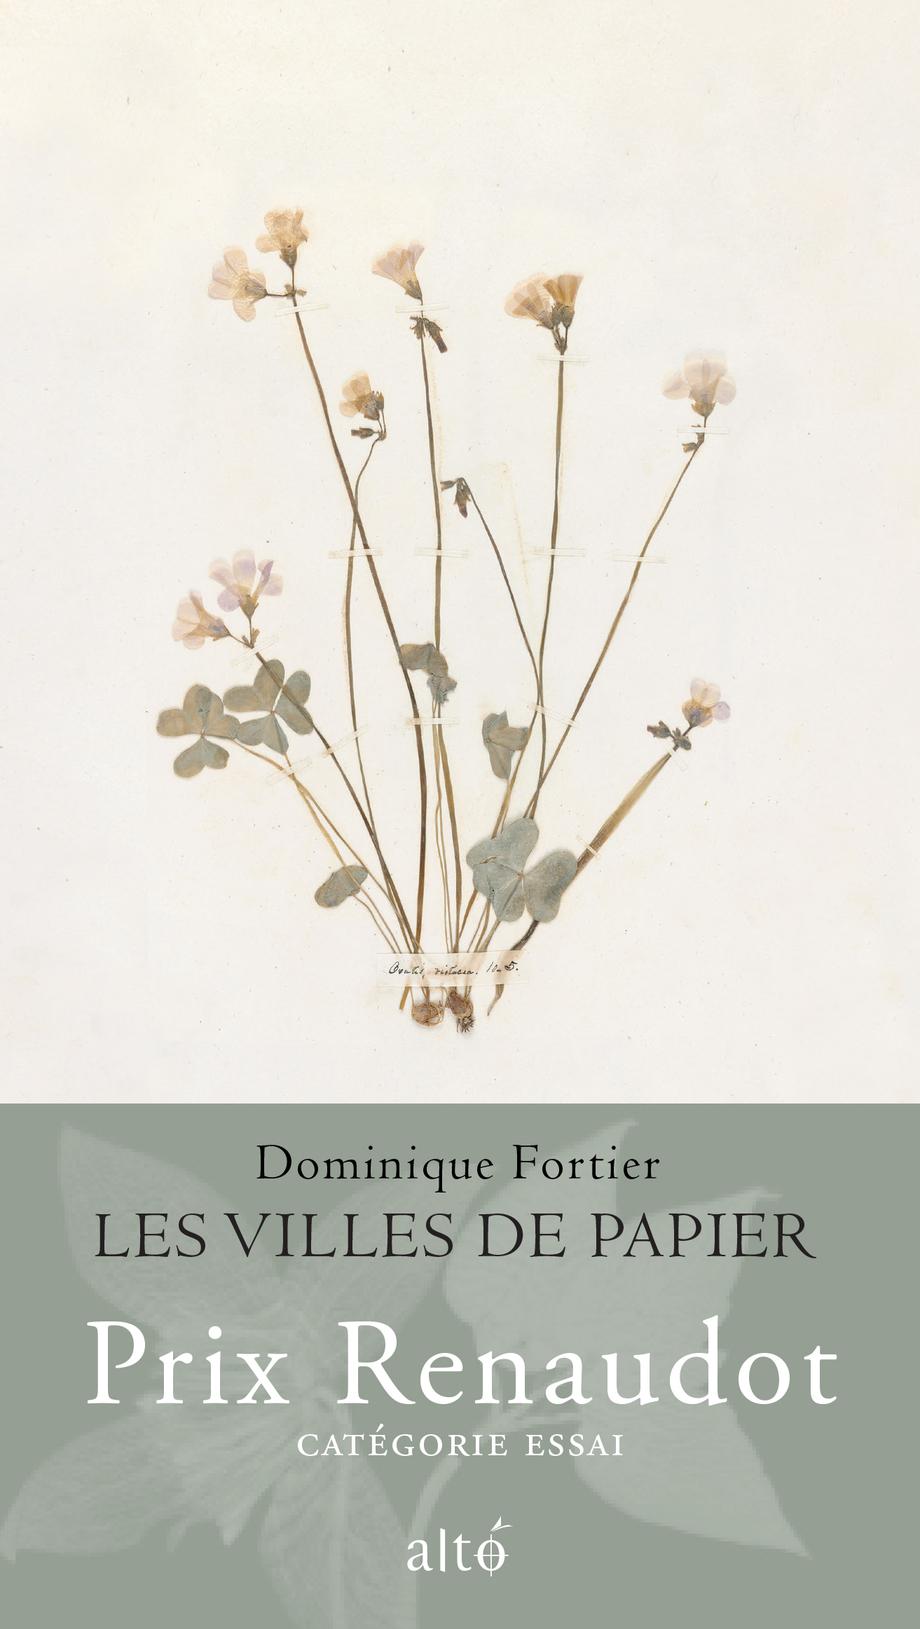 Dominique Fortier